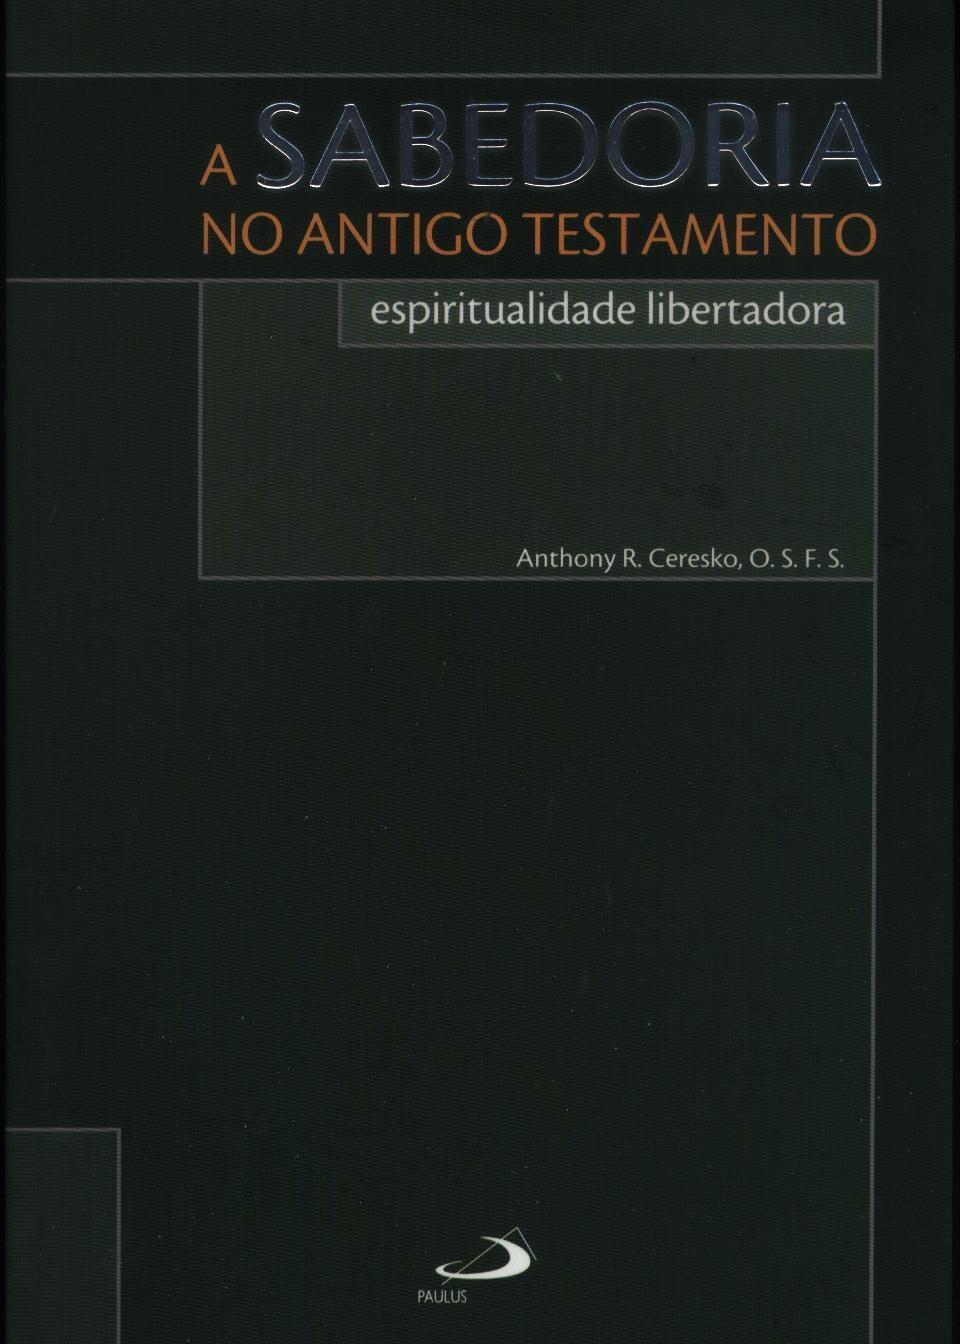 A sabedoria no Antigo Testamento: espiritualidade libertadora